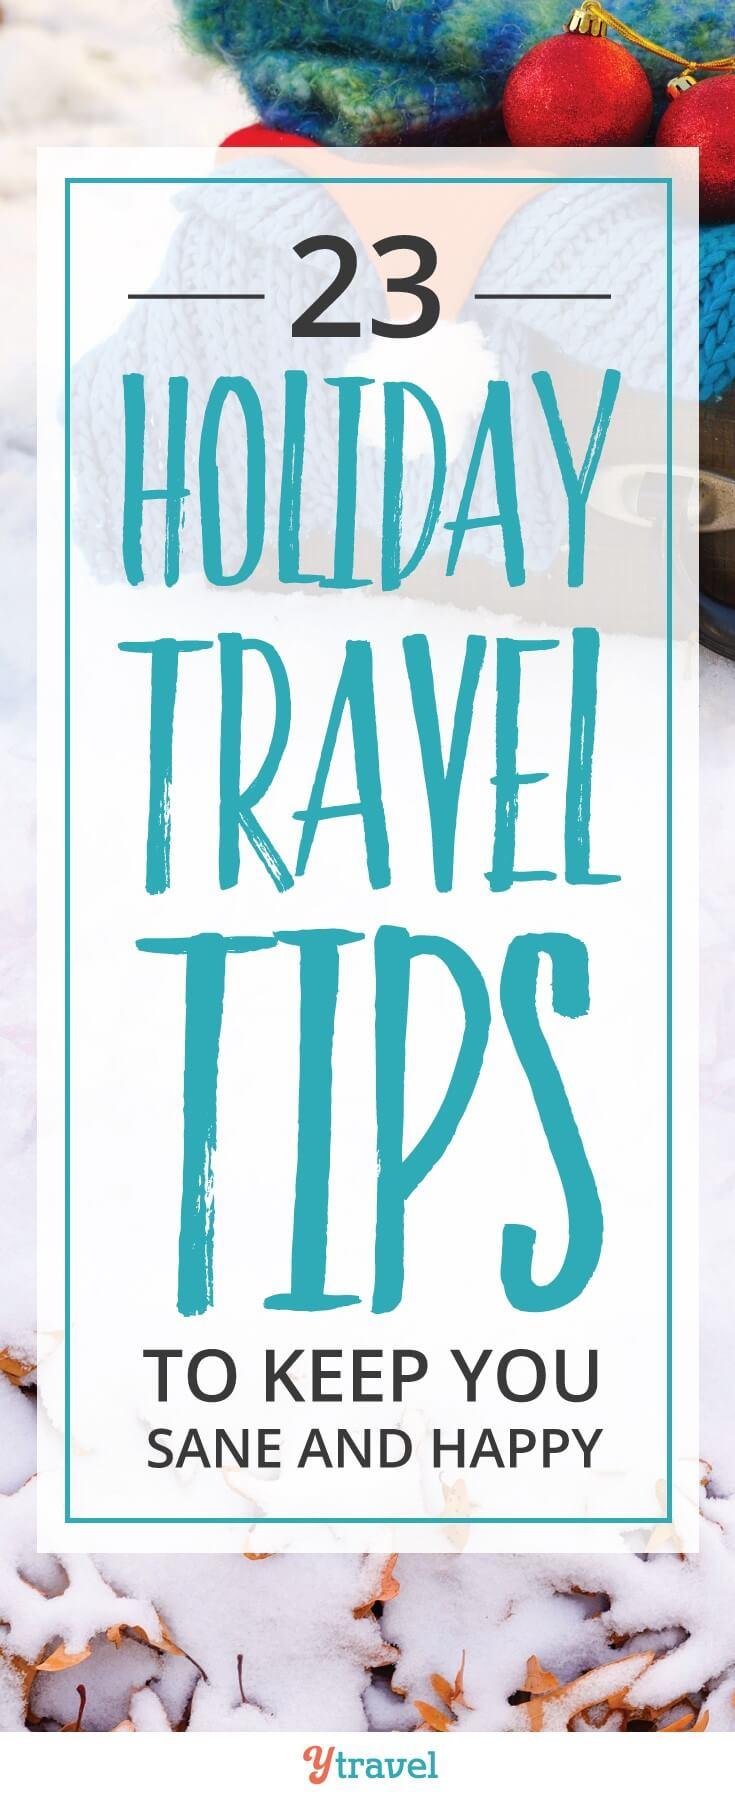 Vous songez à voyager en cette période des fêtes et à Noël? Utilisez ces 23 conseils de voyage pour vous sentir sain d'esprit et heureux. Les voyages de vacances peuvent être une catastrophe chaotique. Bonne chance et profitez et partagez avec un ami! #christmas #holidaytravel #traveltips